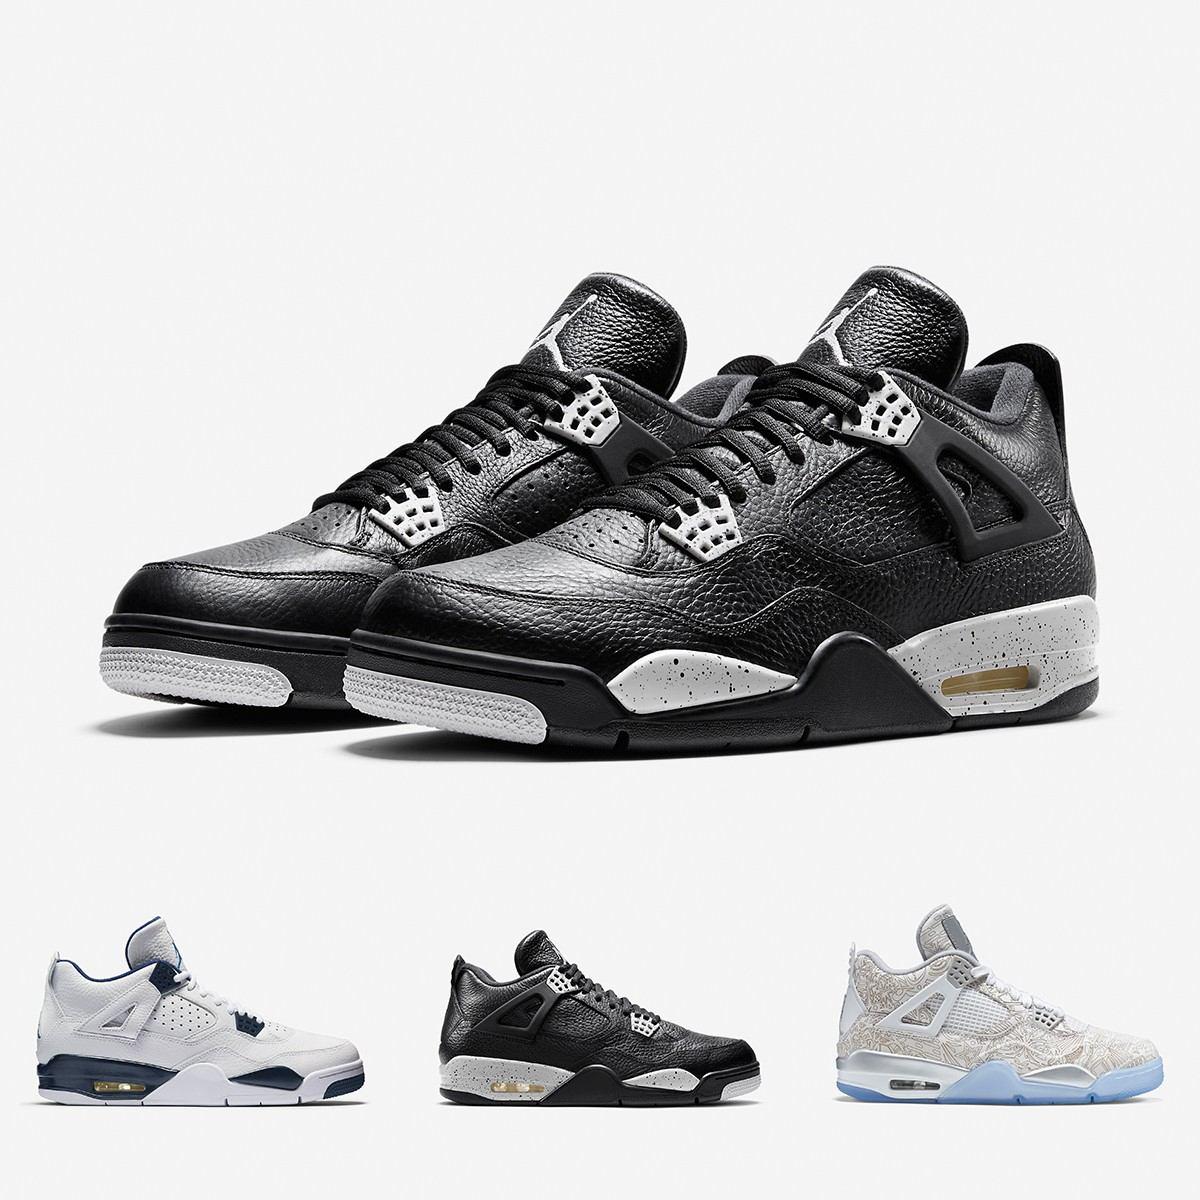 best service afee4 d0248 ... Gris Mujeres Zapatos black color 28bc8 8bc54 Oferta 47xu9  Zapatillas  de baloncesto Air Jordan IV Retro GS ... jordan 2027 zapatillas nike air .  ...